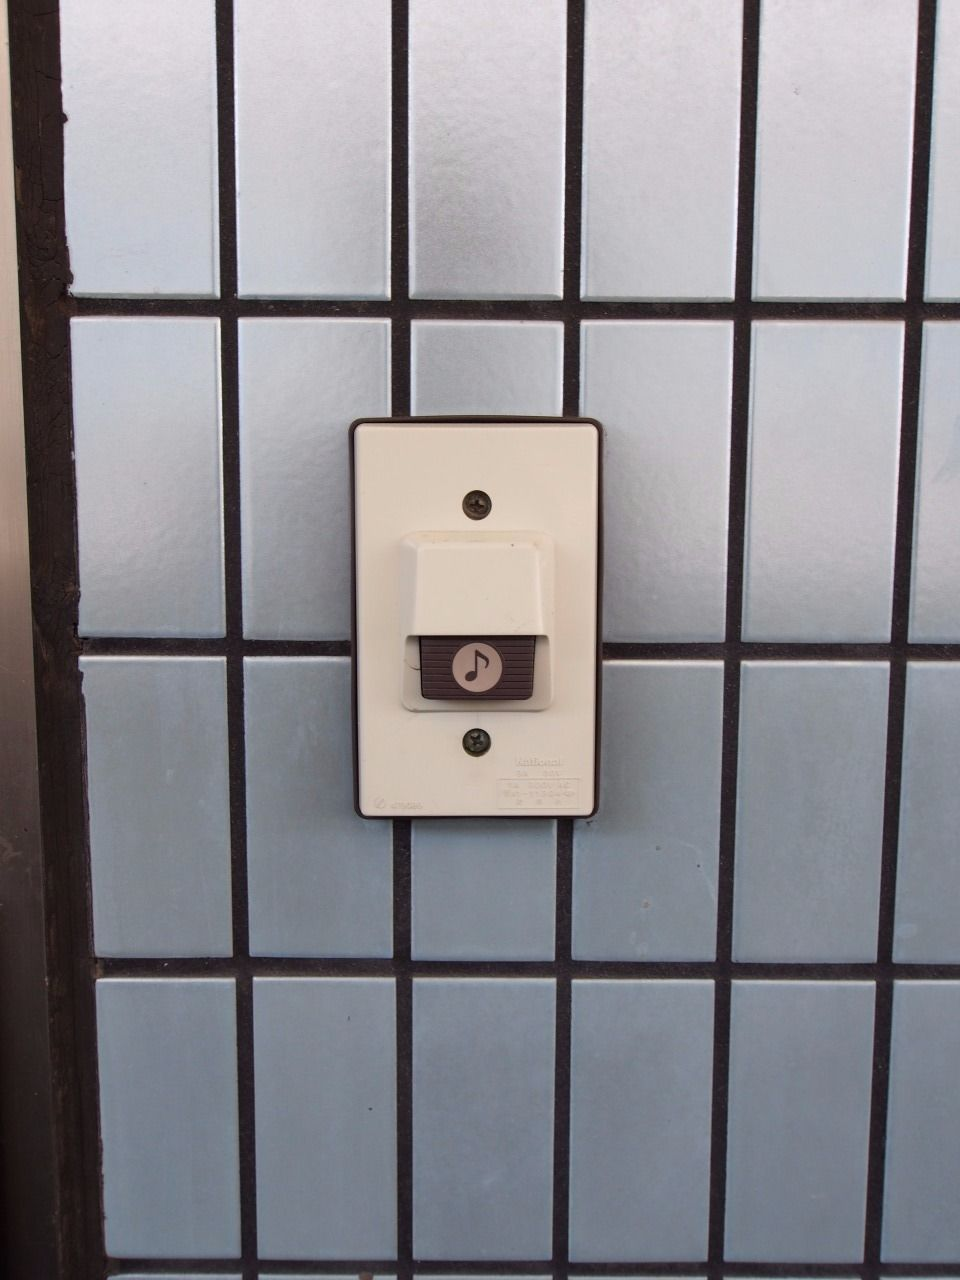 ドアをノックしなくてもよいチャイム設備